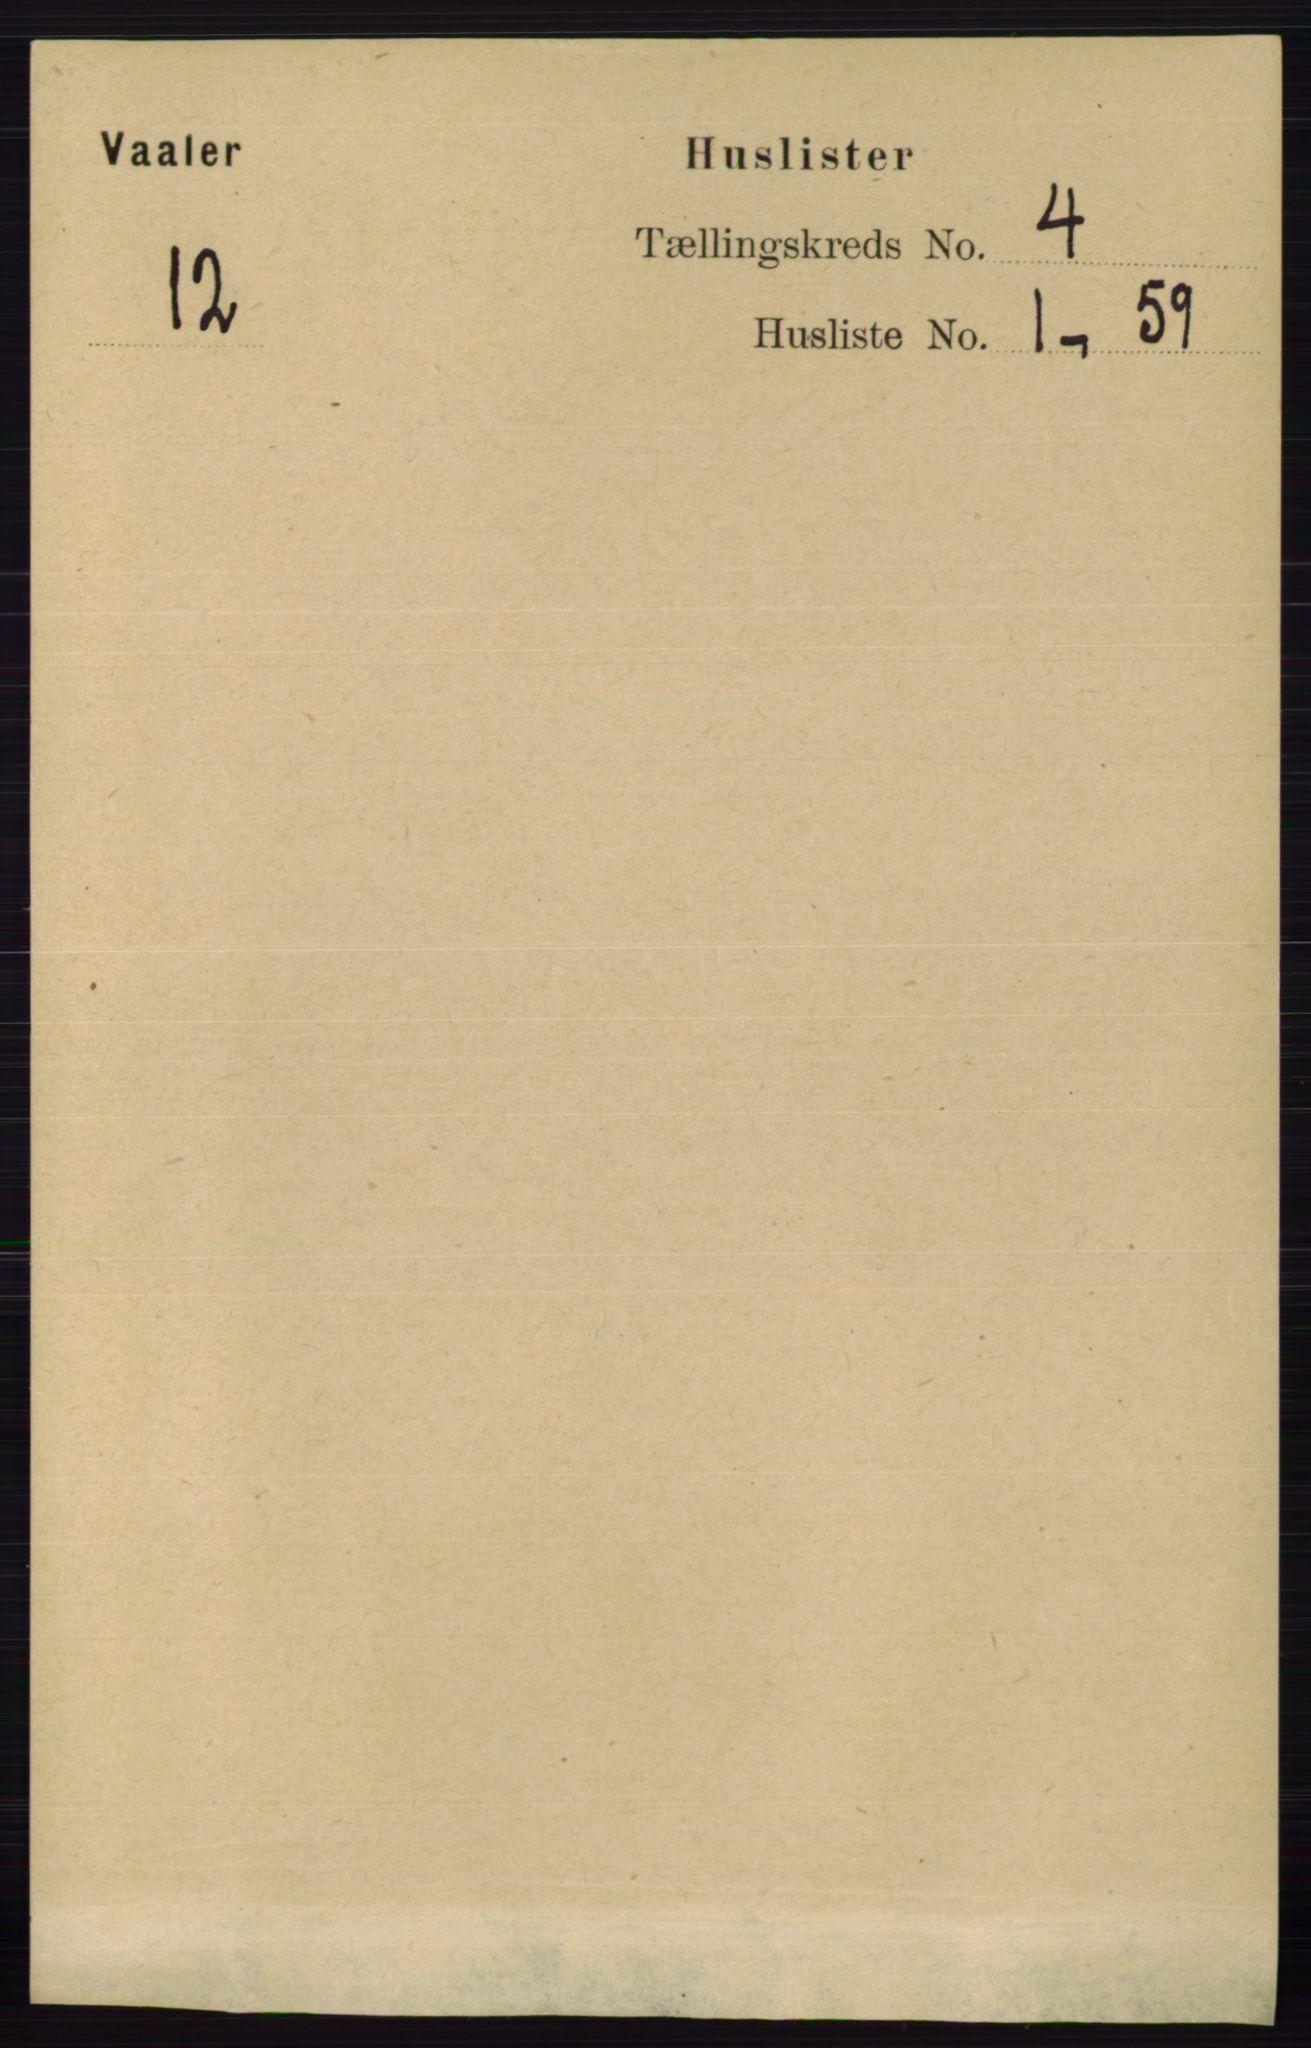 RA, Folketelling 1891 for 0137 Våler herred, 1891, s. 1548